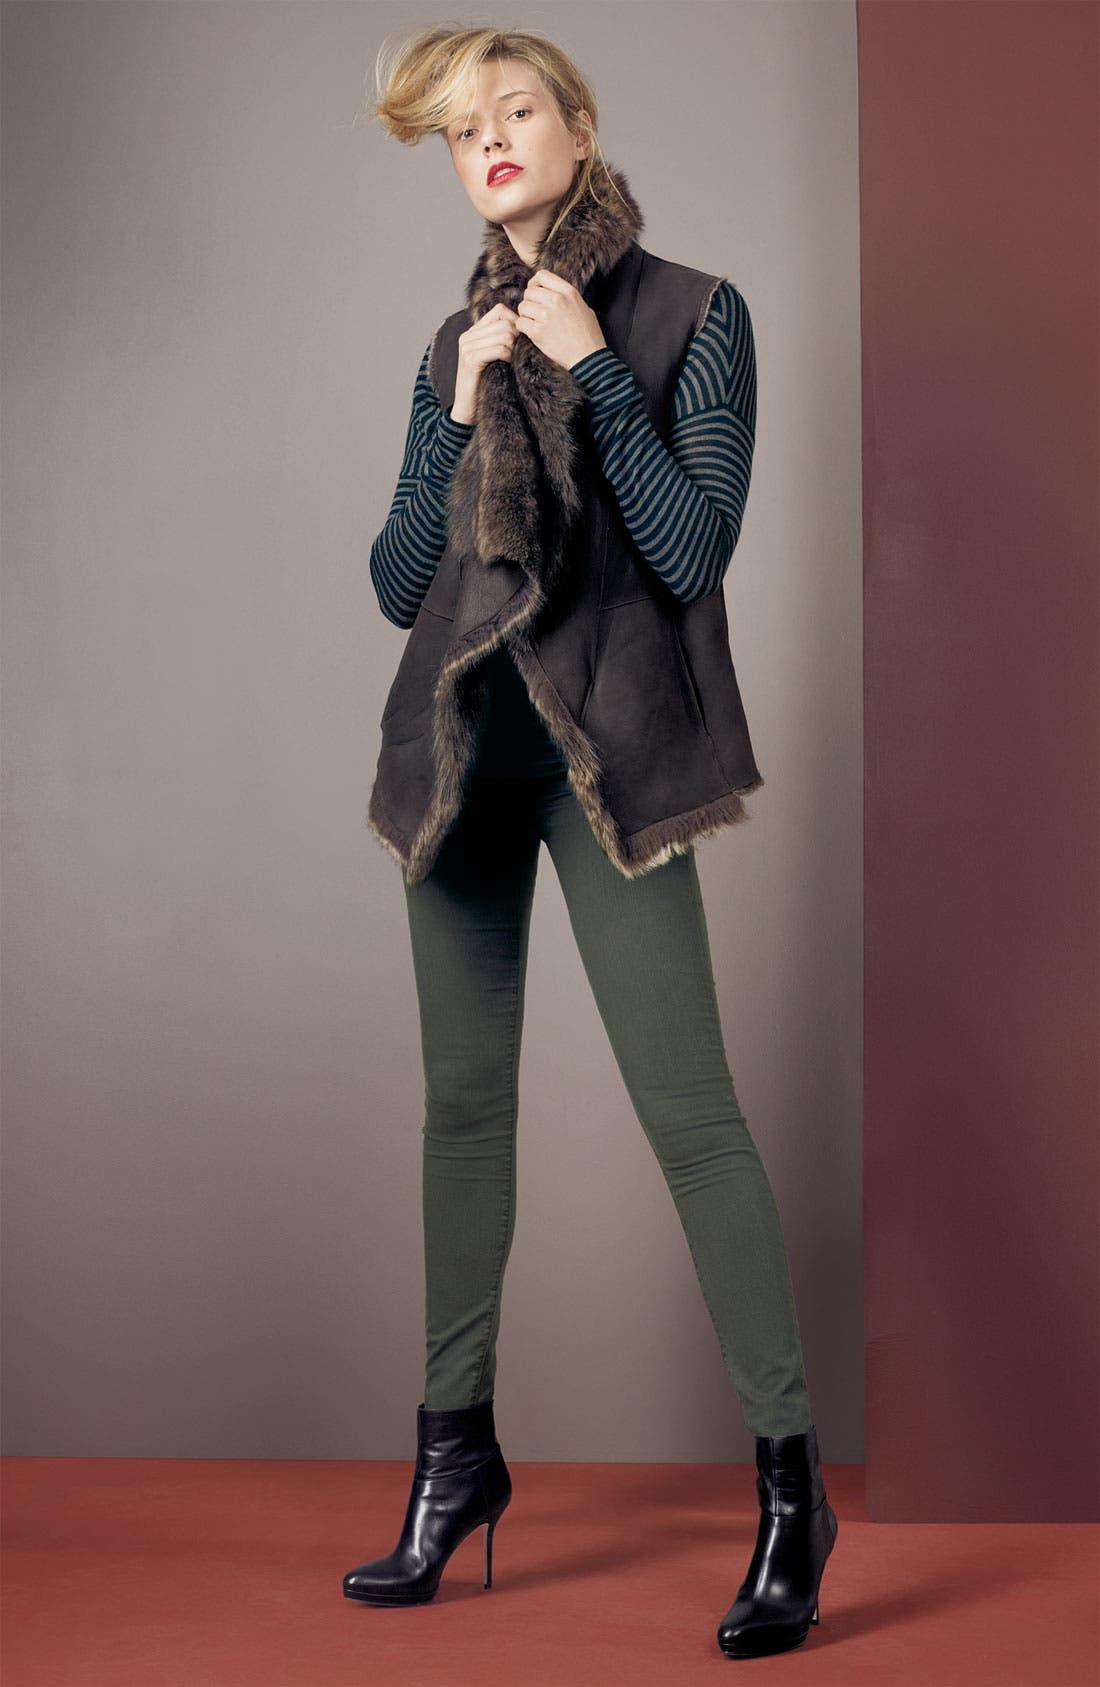 Main Image - Vince Genuine Shearling Vest & Boatneck Sweater